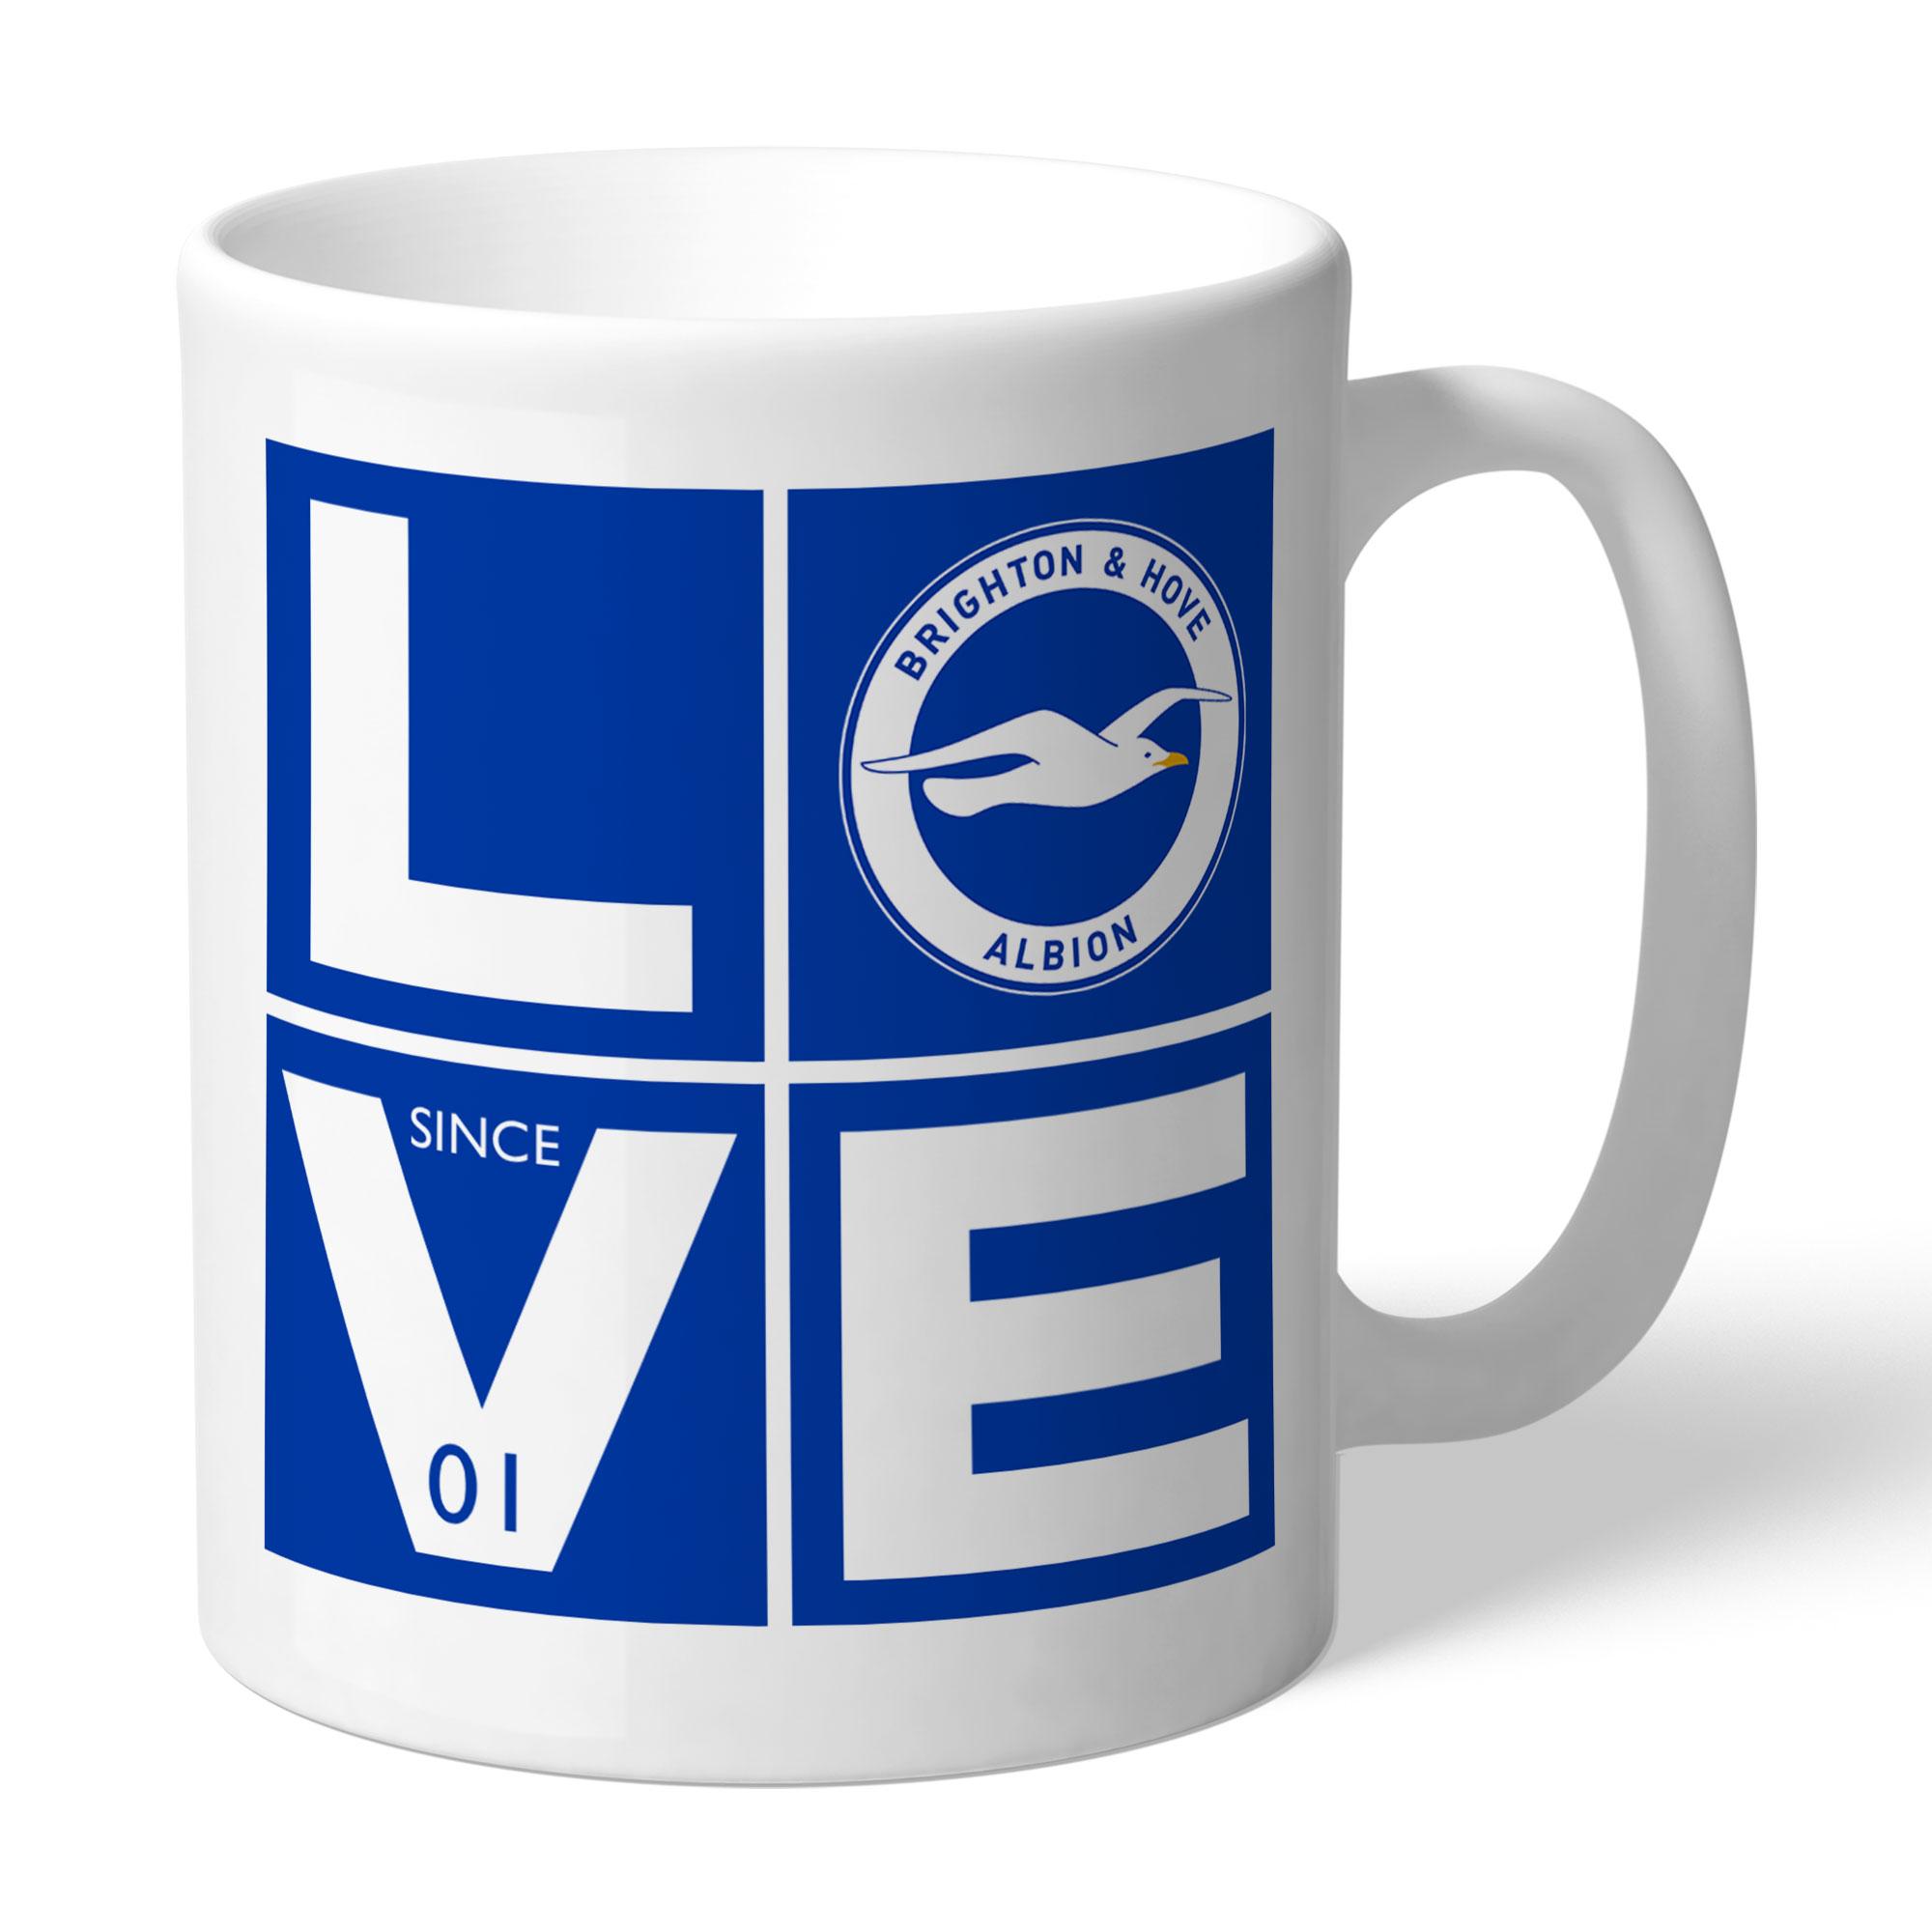 Brighton & Hove Albion FC Love Mug